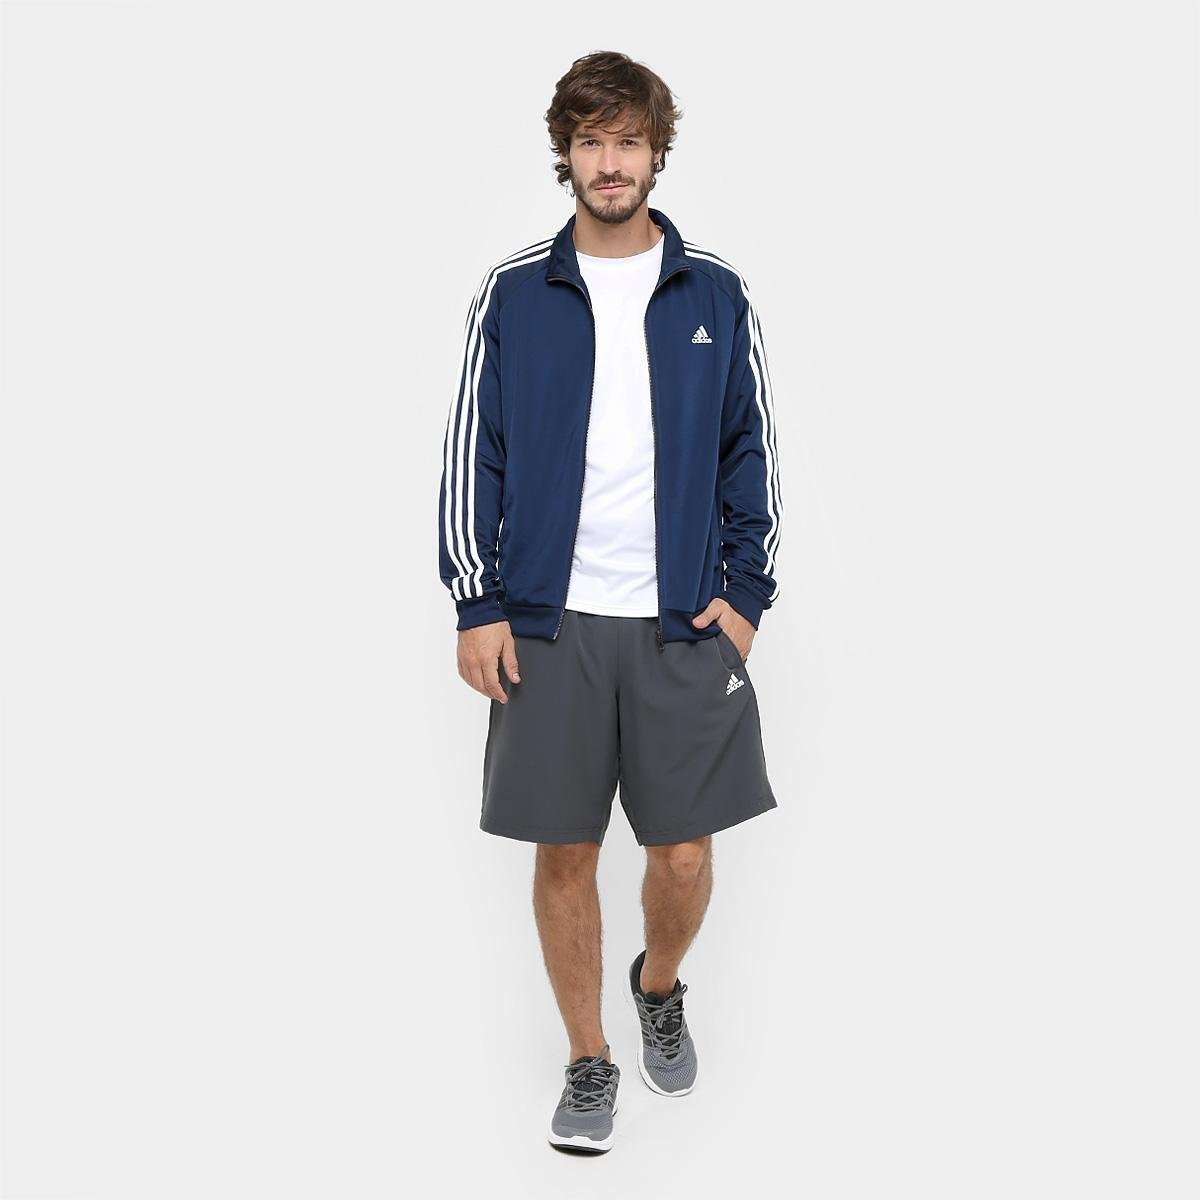 55808cdc32 Jaqueta Adidas Essential 3S Top Masculina - Marinho e Branco ...